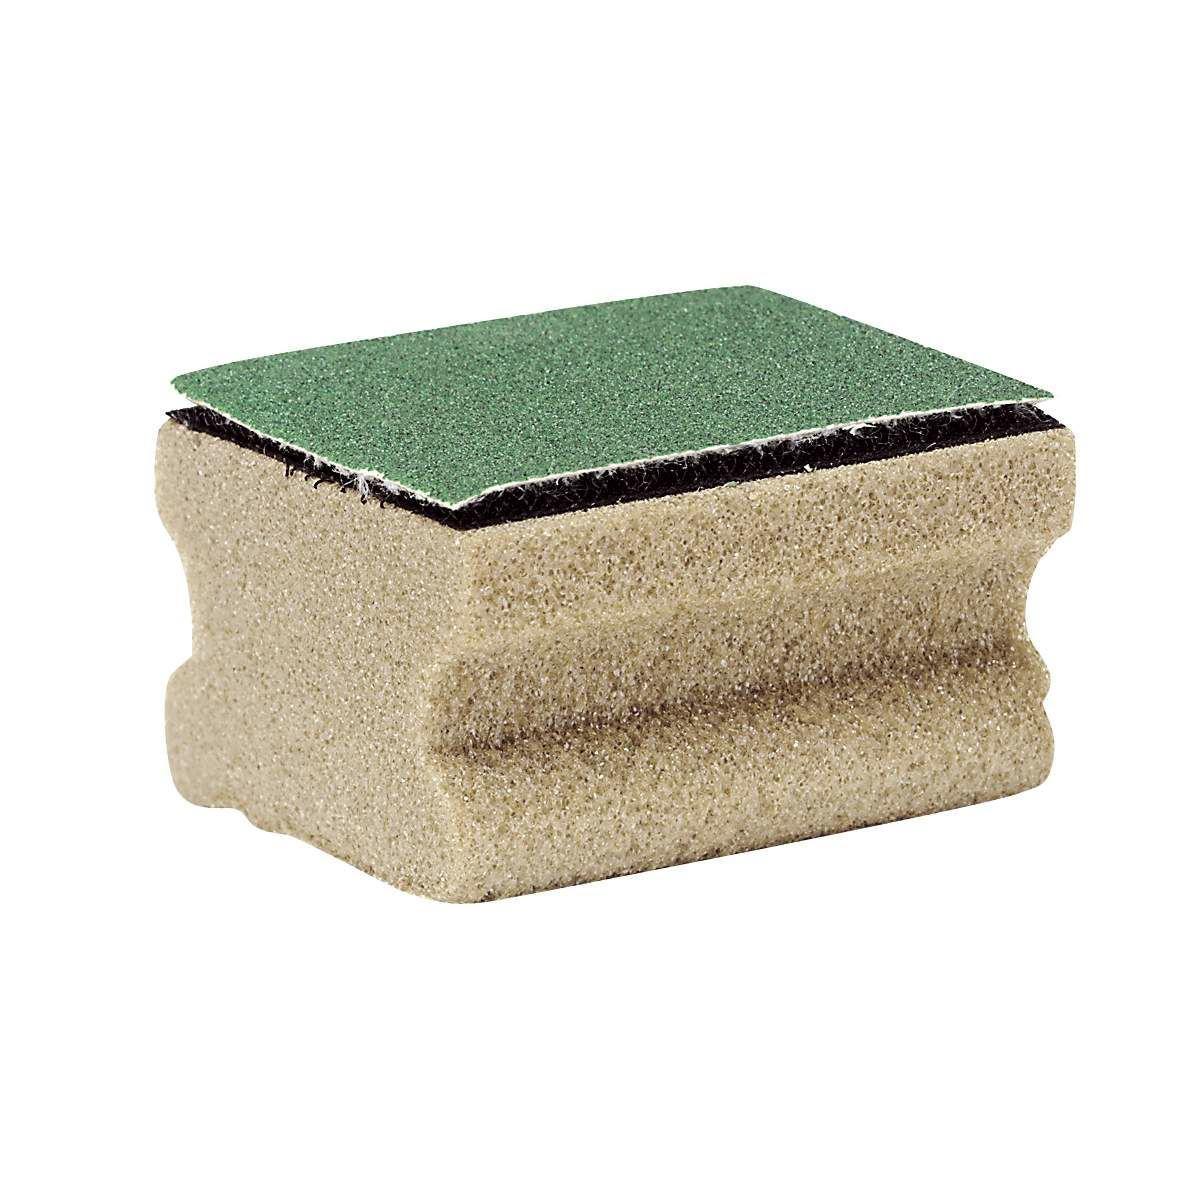 Bilde av T11 Synthetic cork w/sandpaper